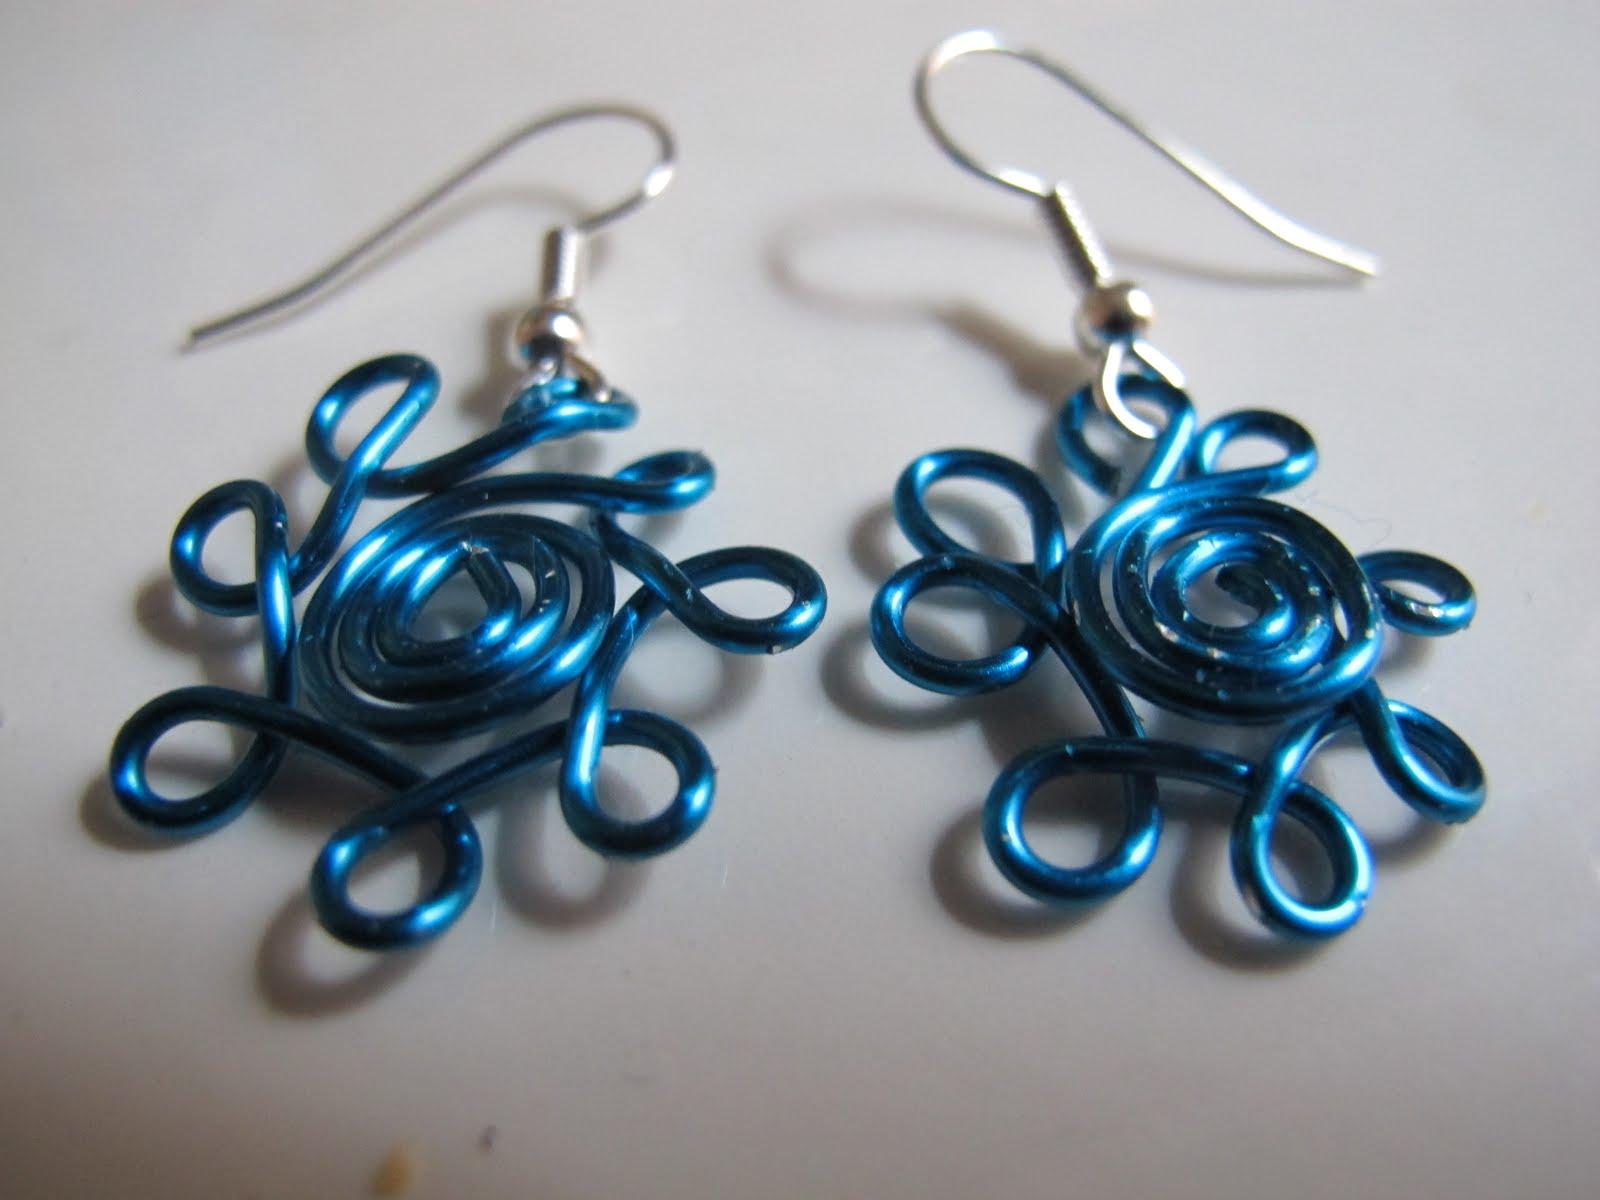 Naomi\'s Designs: Handmade Wire Jewelry: Wire wrapped jewelry: daisy ...